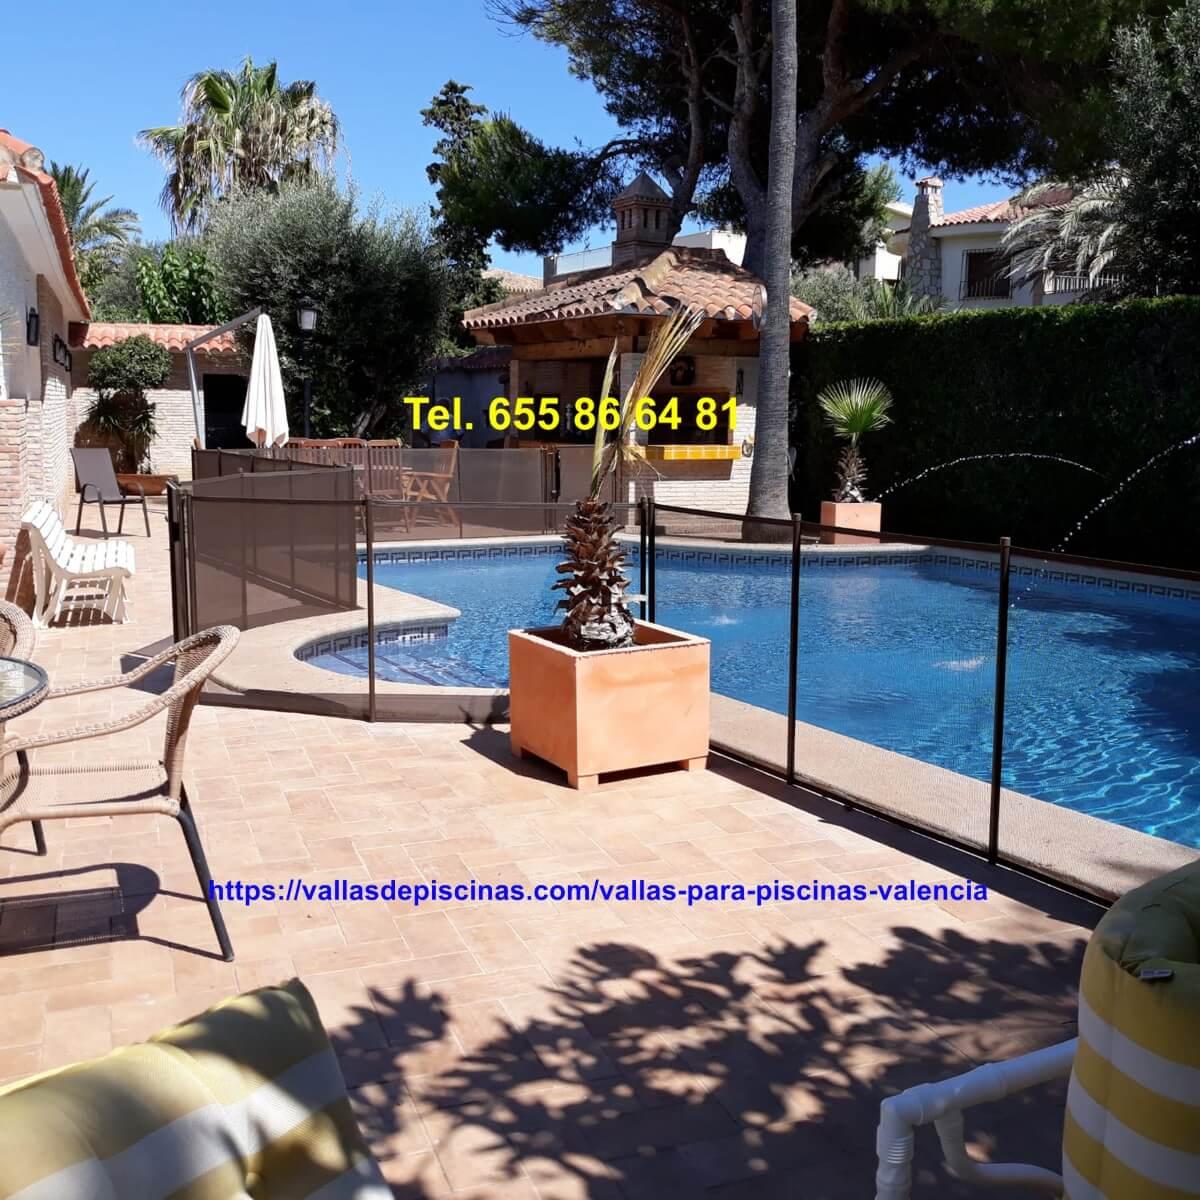 Instalación Vallas piscinas San antonio de Benageber Valencia color chocolate altura un metro